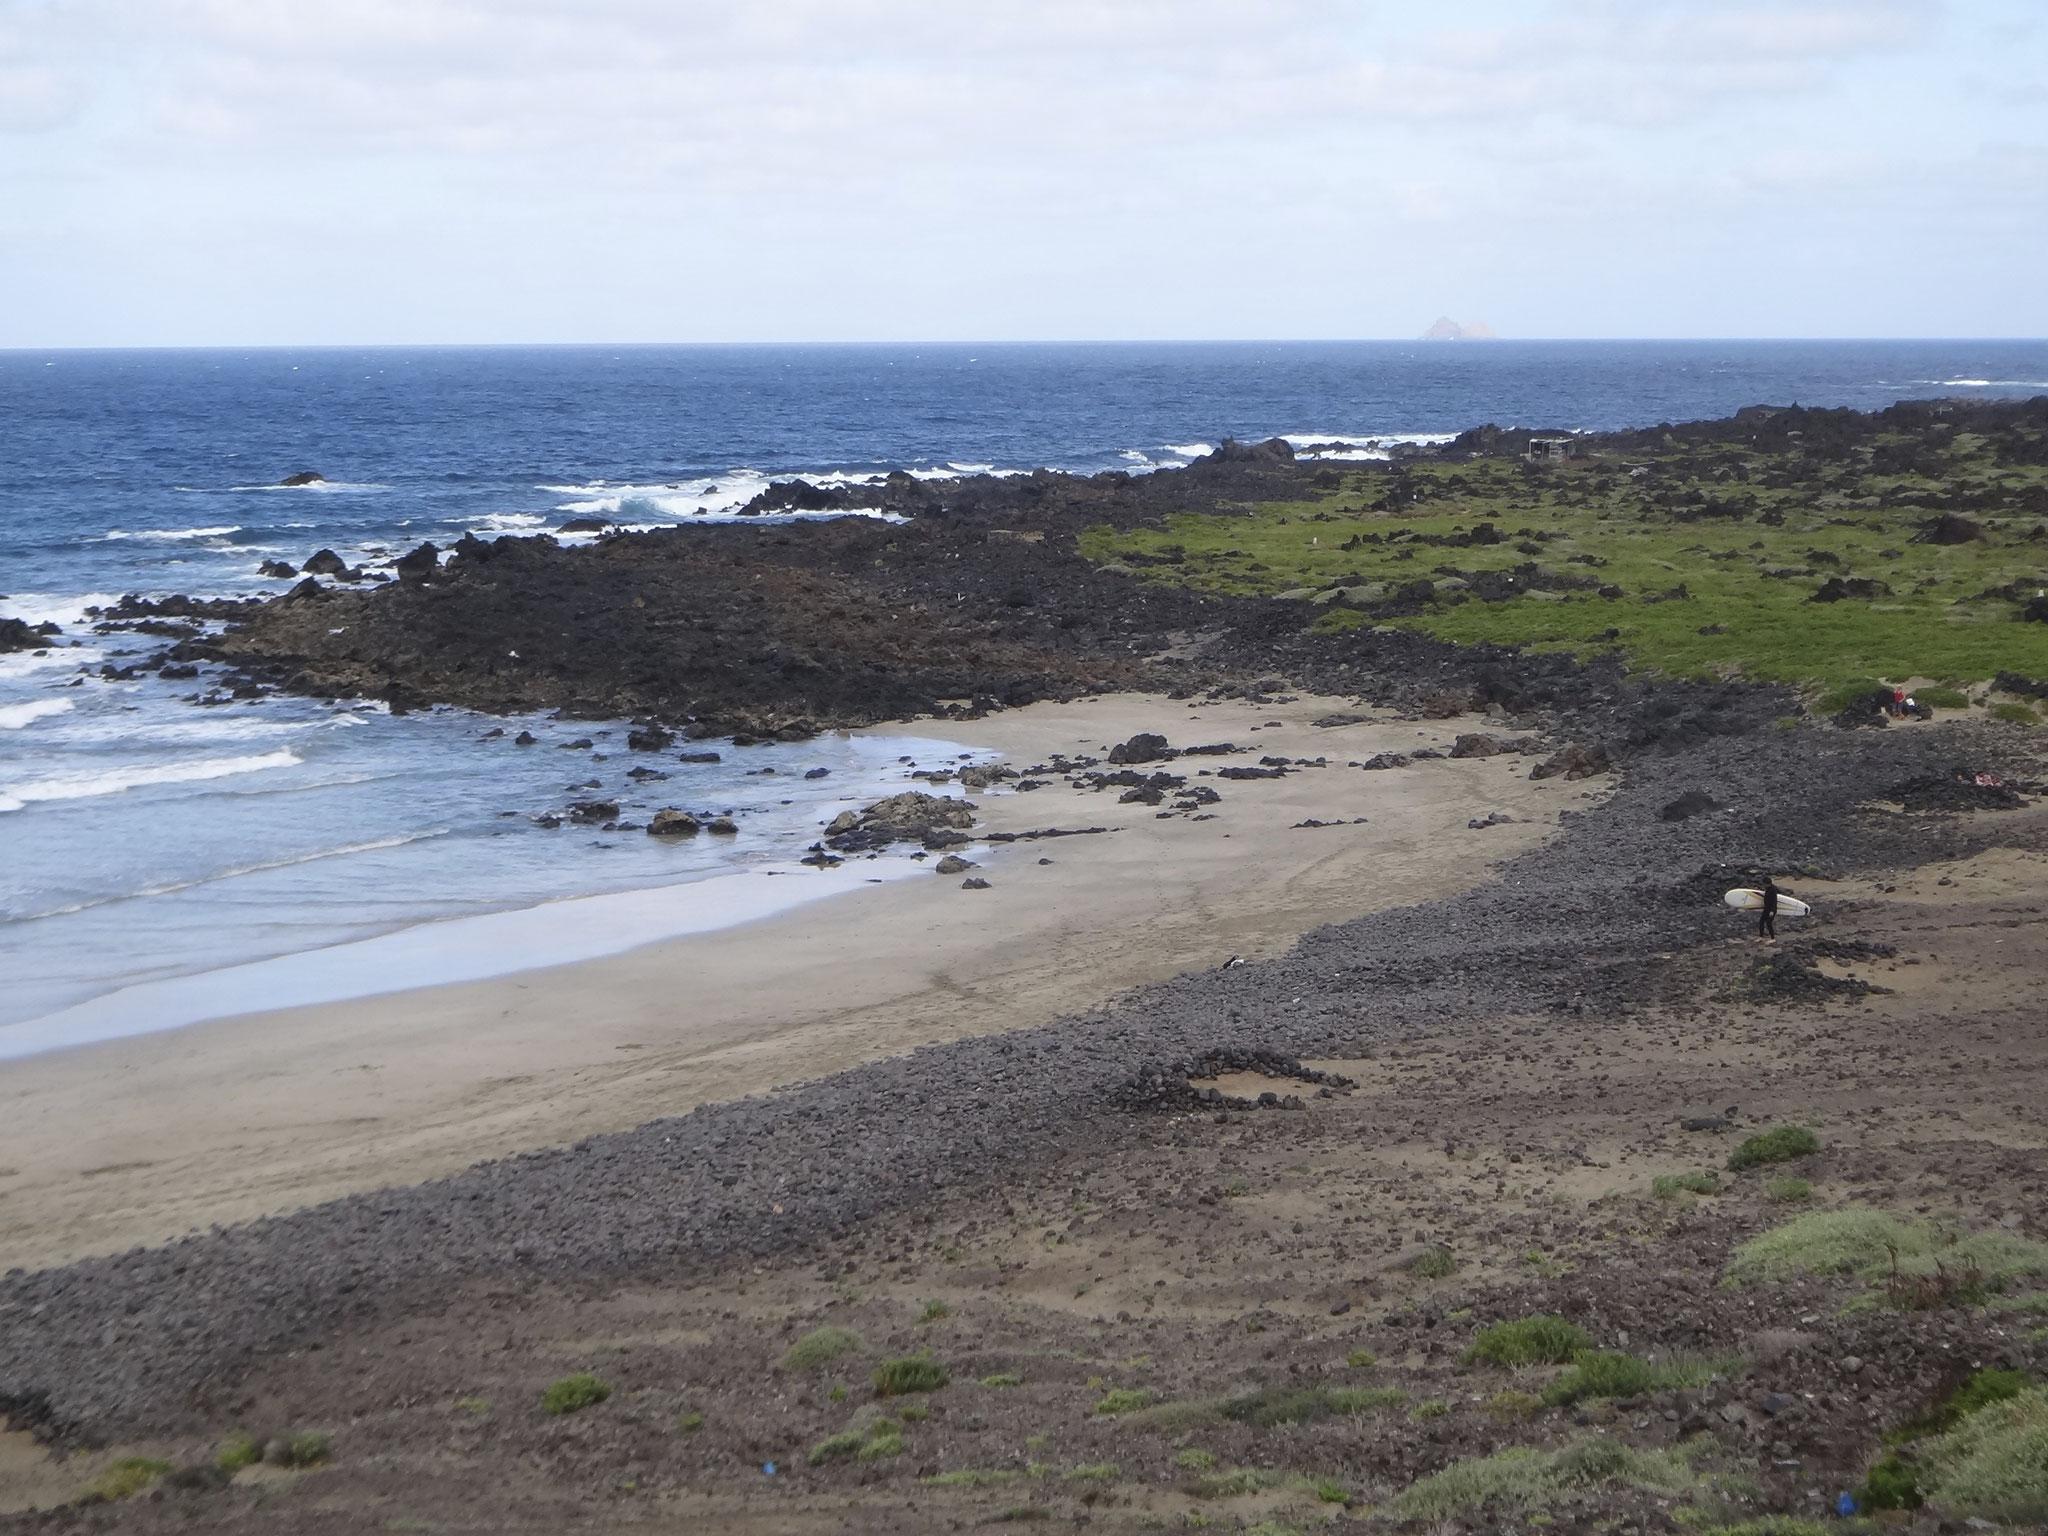 Playa de La Canteria Orzola